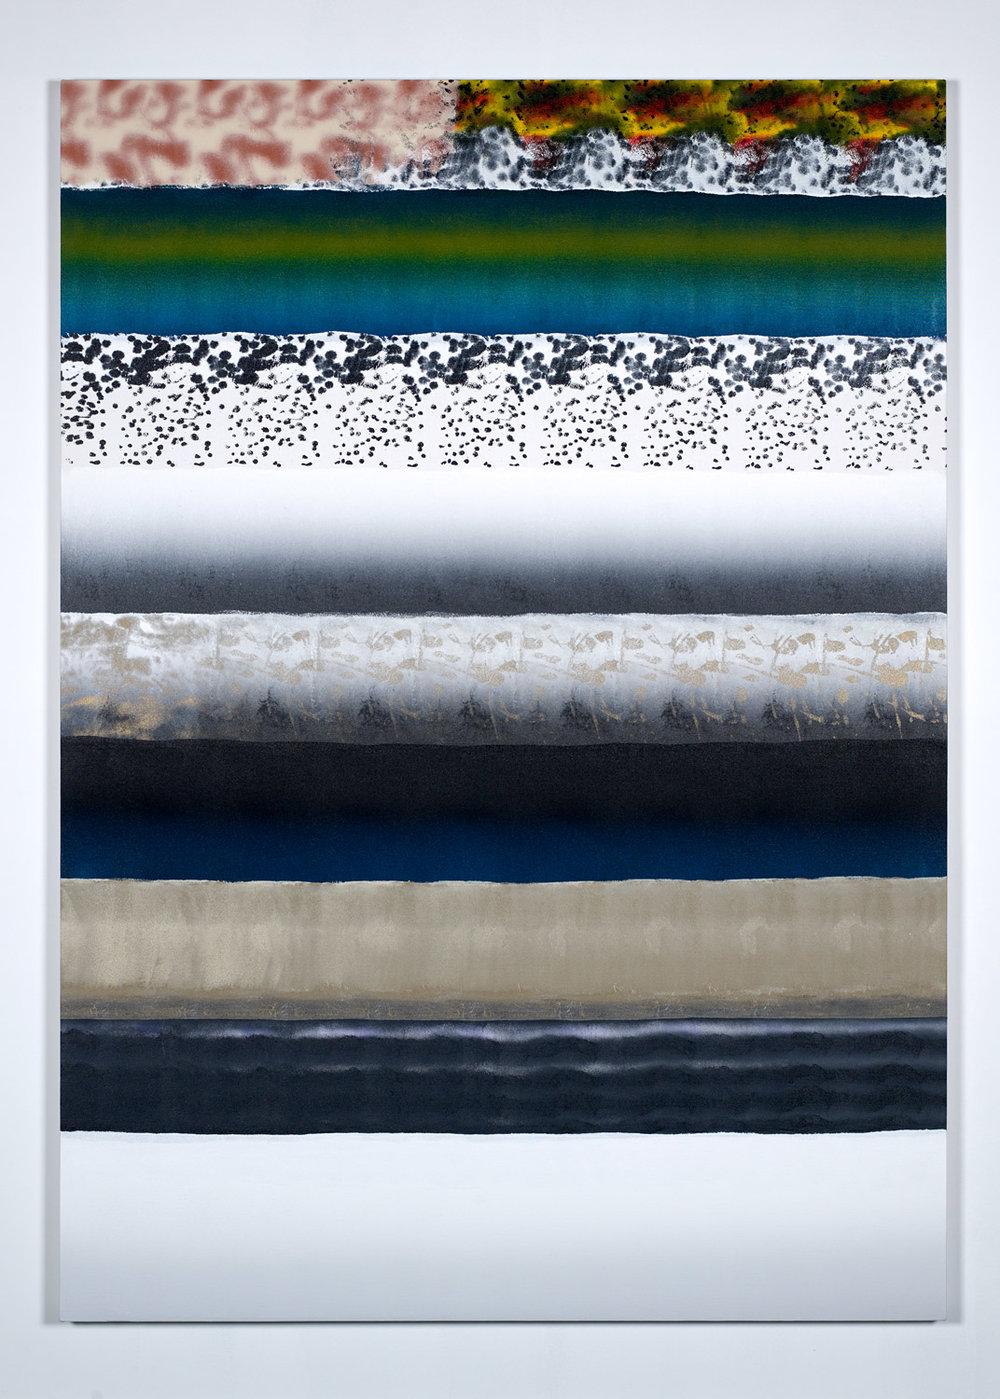 29-05 , 2017. Acrylic on canvas. 7'x5'.